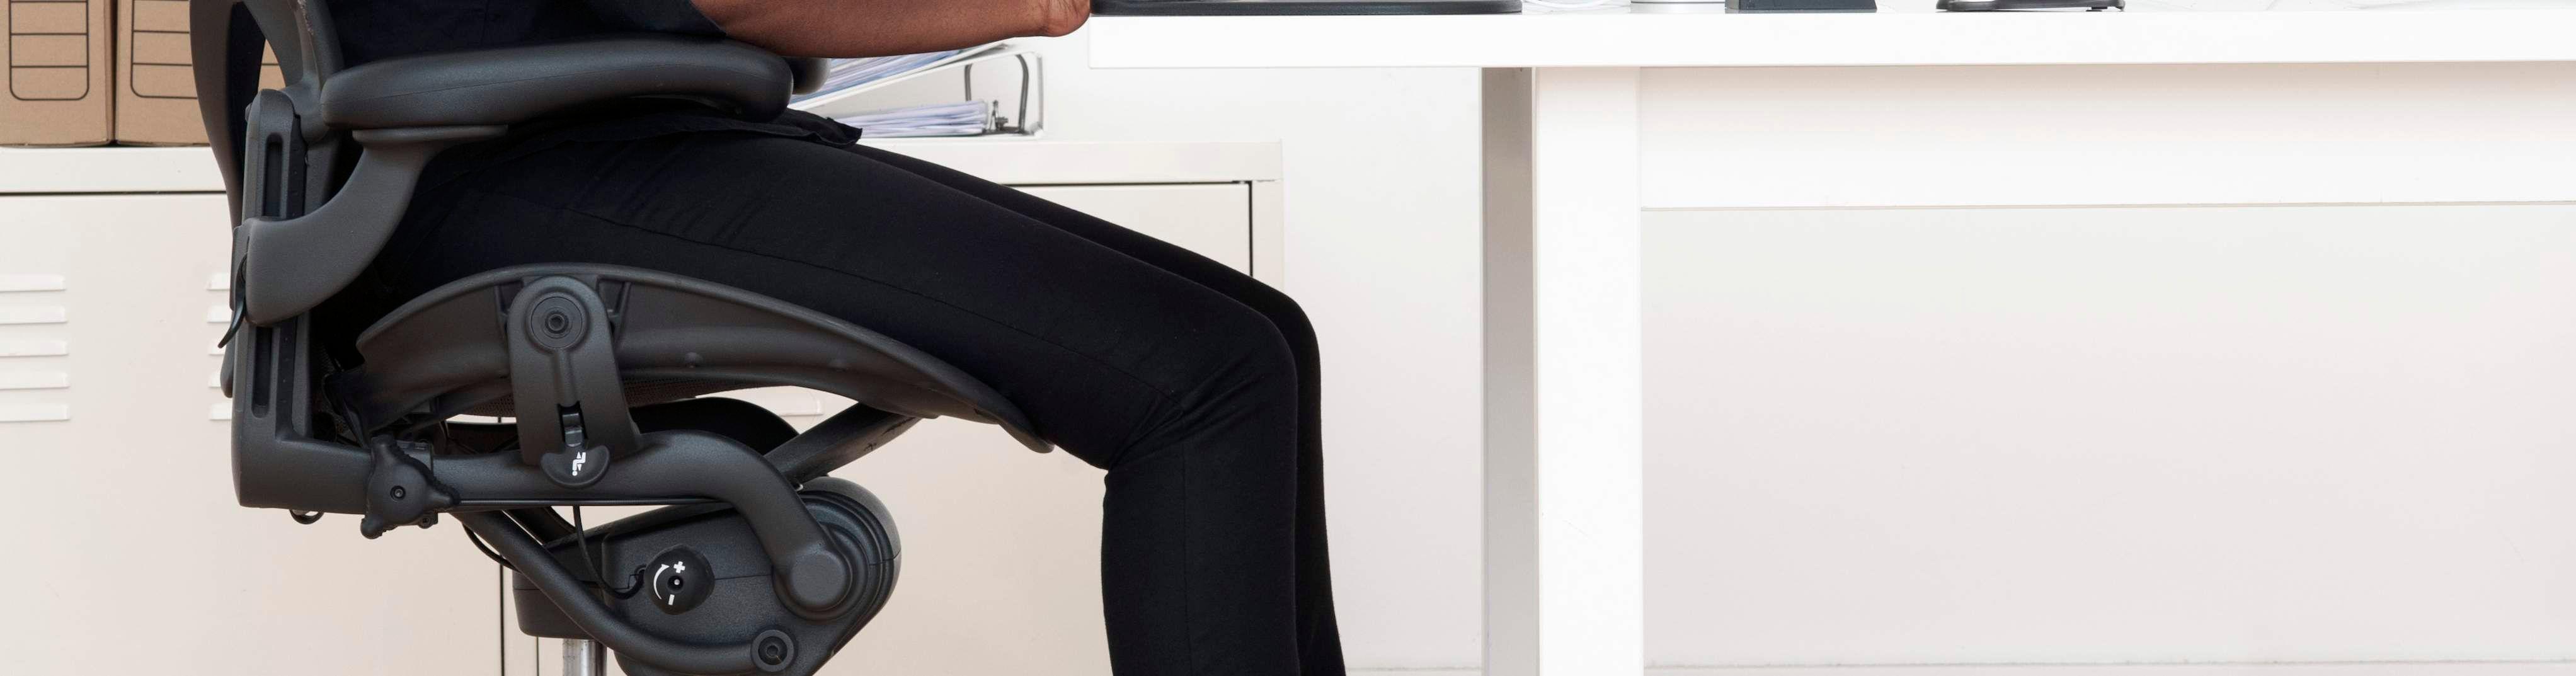 Möbeldesigner Deutschland innovatives möbeldesign dupont polymers dupont deutschland